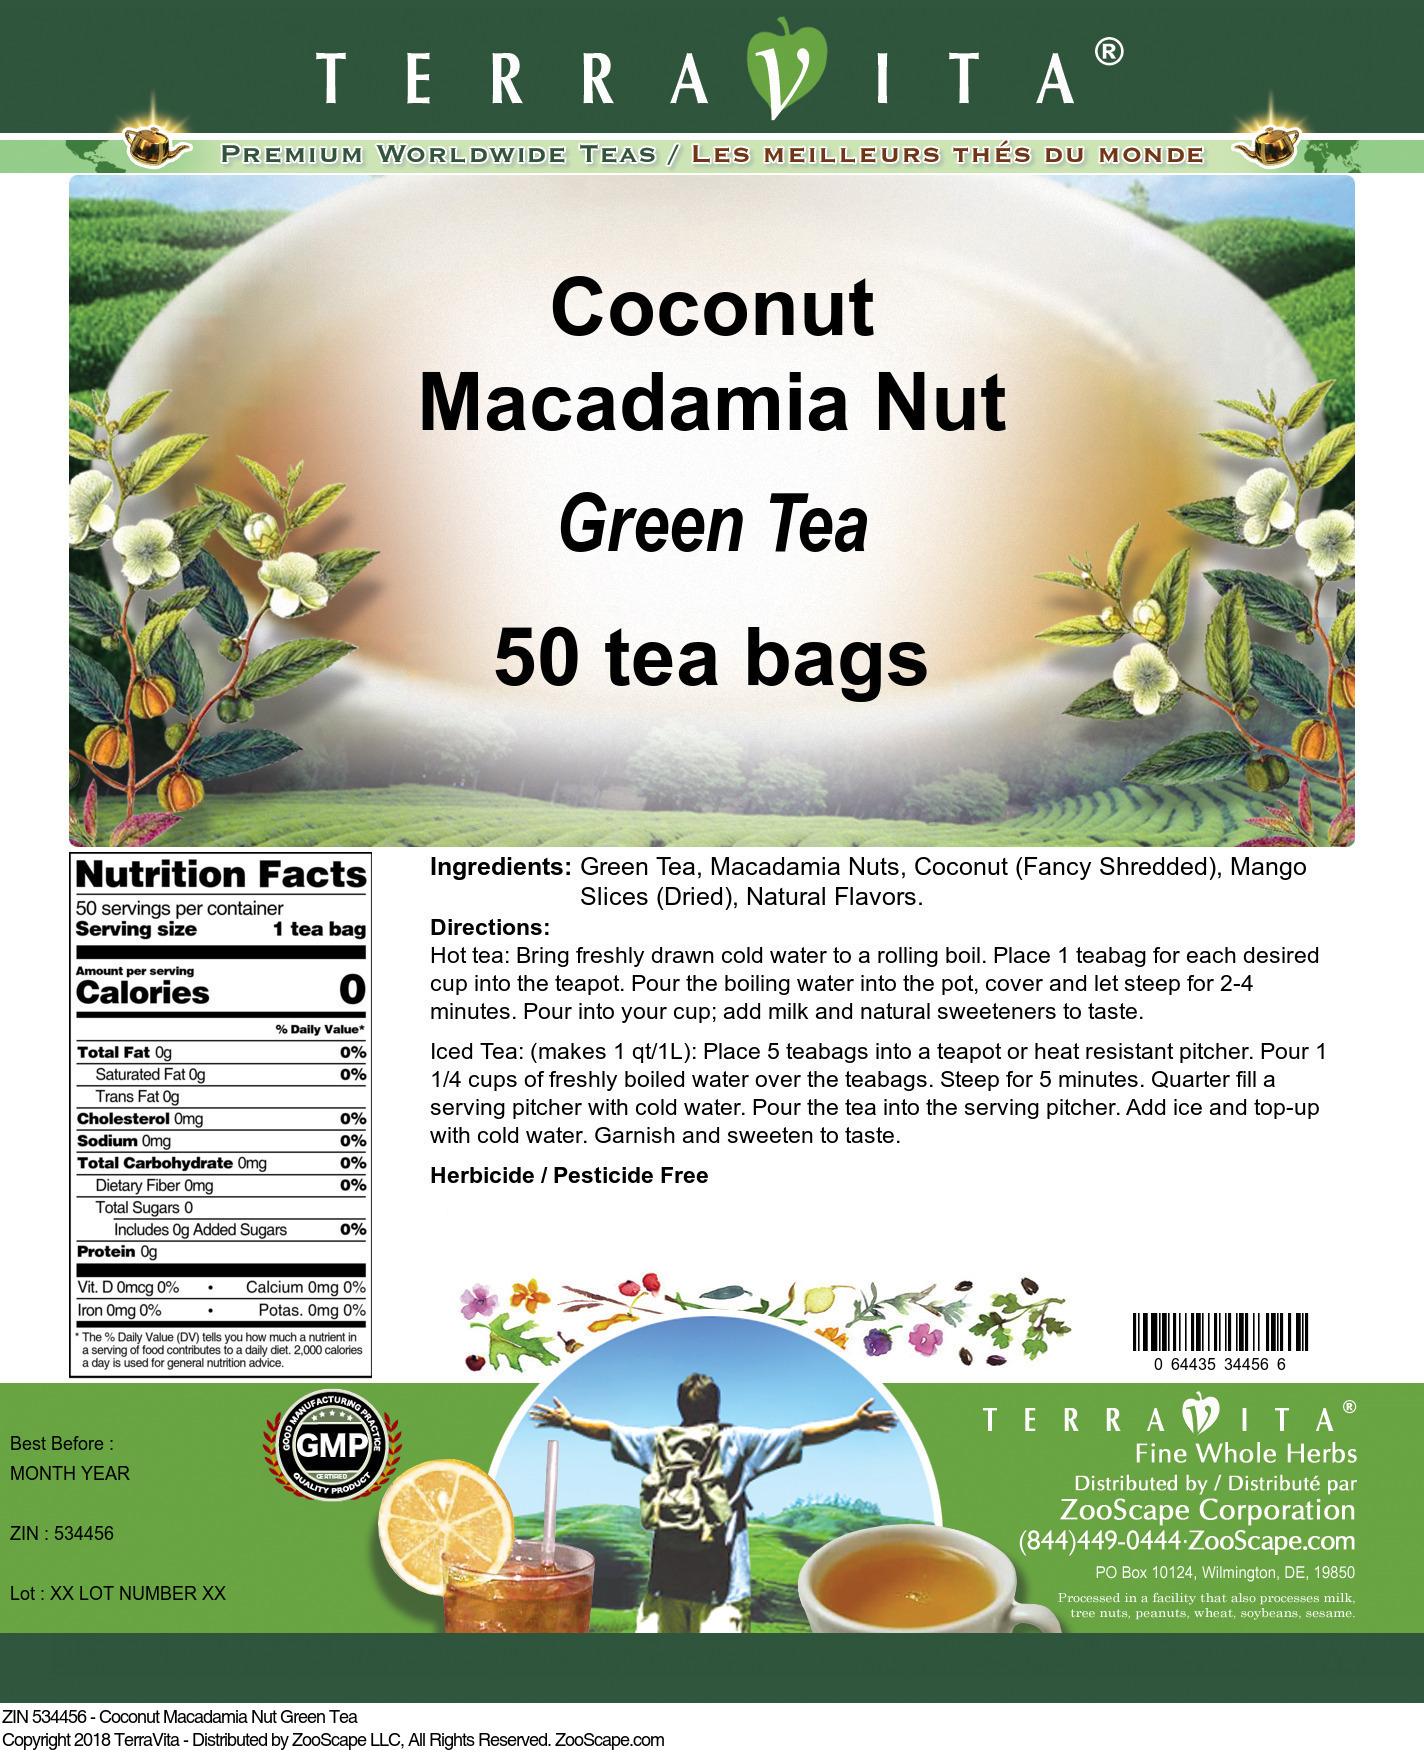 Coconut Macadamia Nut Green Tea